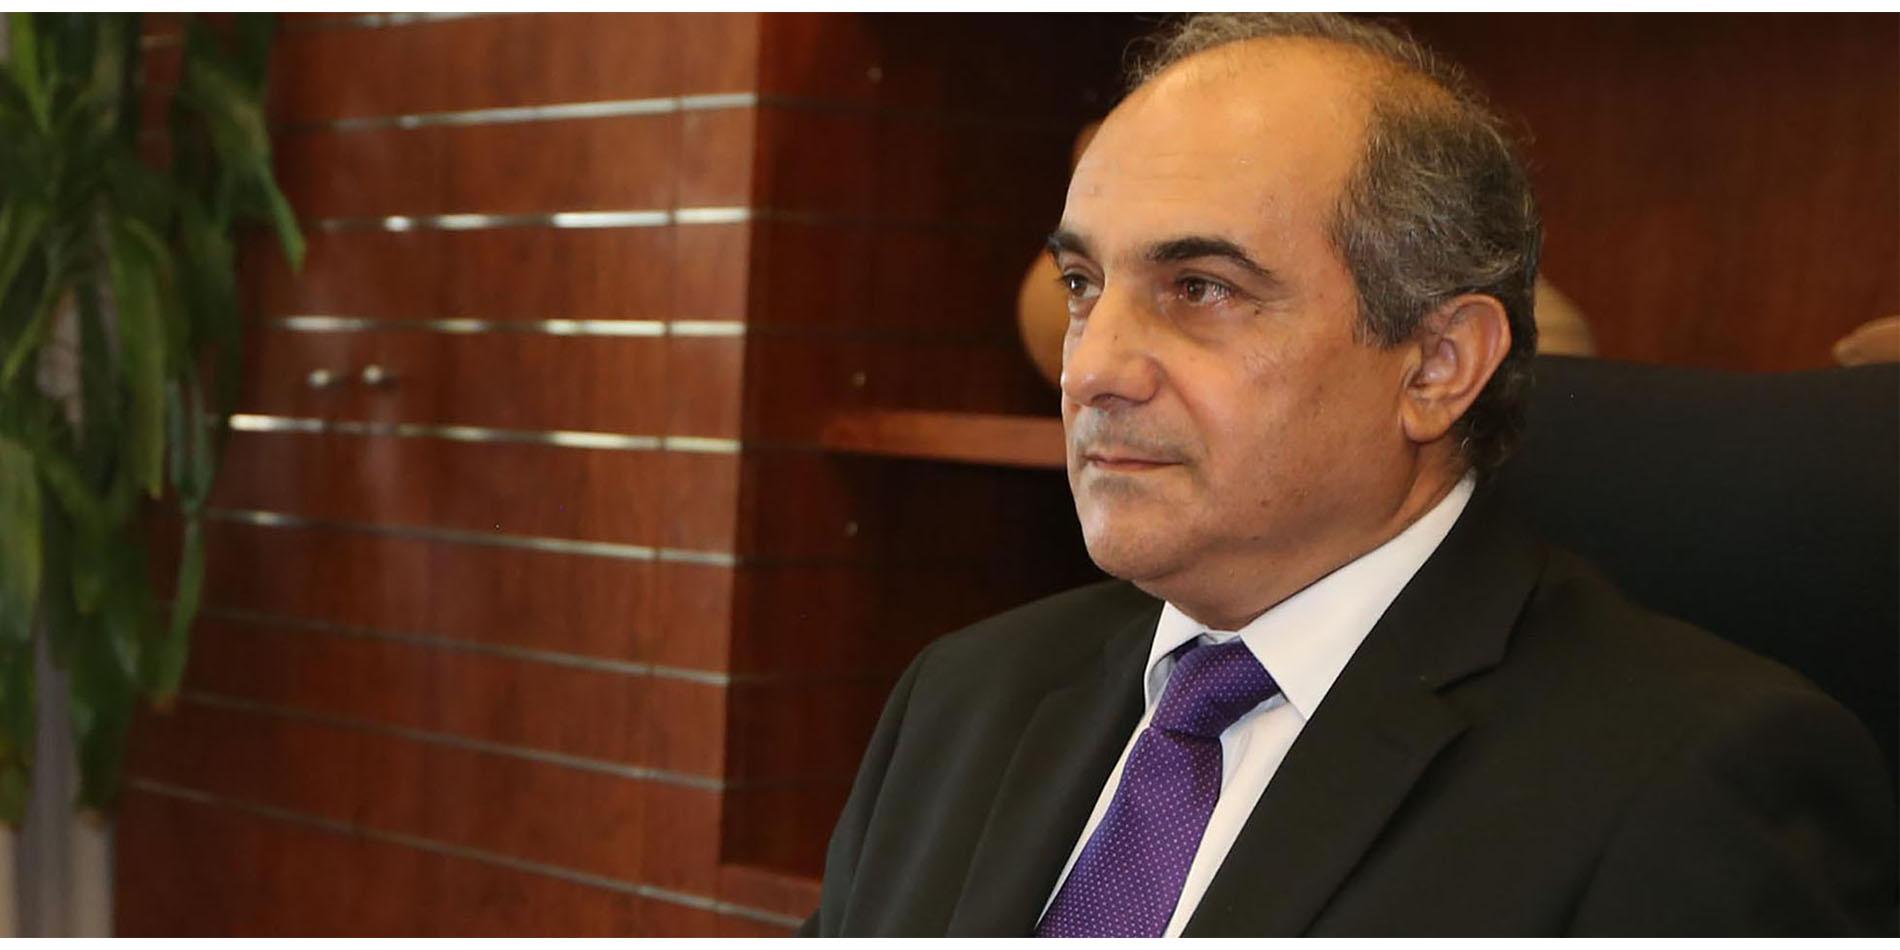 Κύπρος: Αποχή από τα καθήκοντα του ανακοίνωσε ο Συλλούρης, μετά το βίντεο του Al-Jazeera